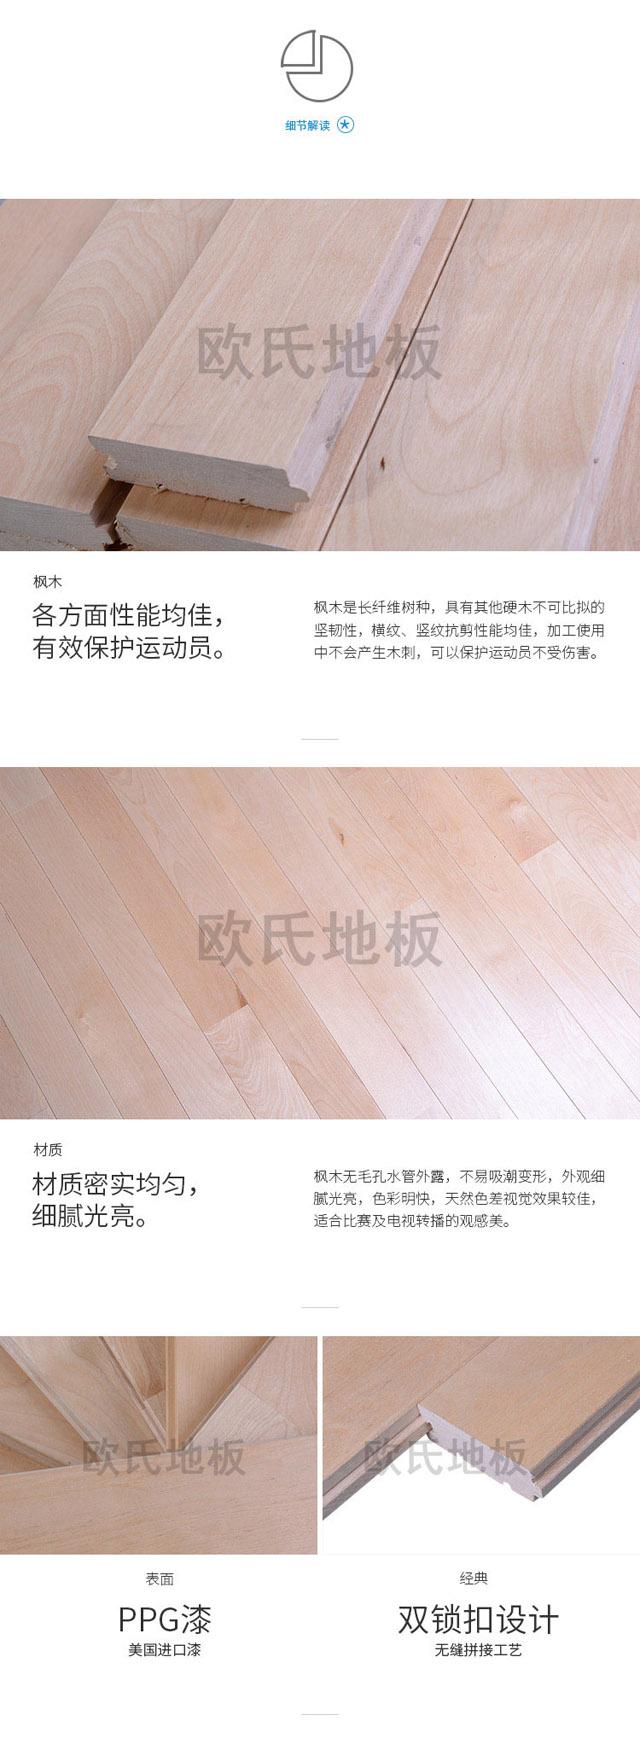 枫木一级运动木地板细节解读